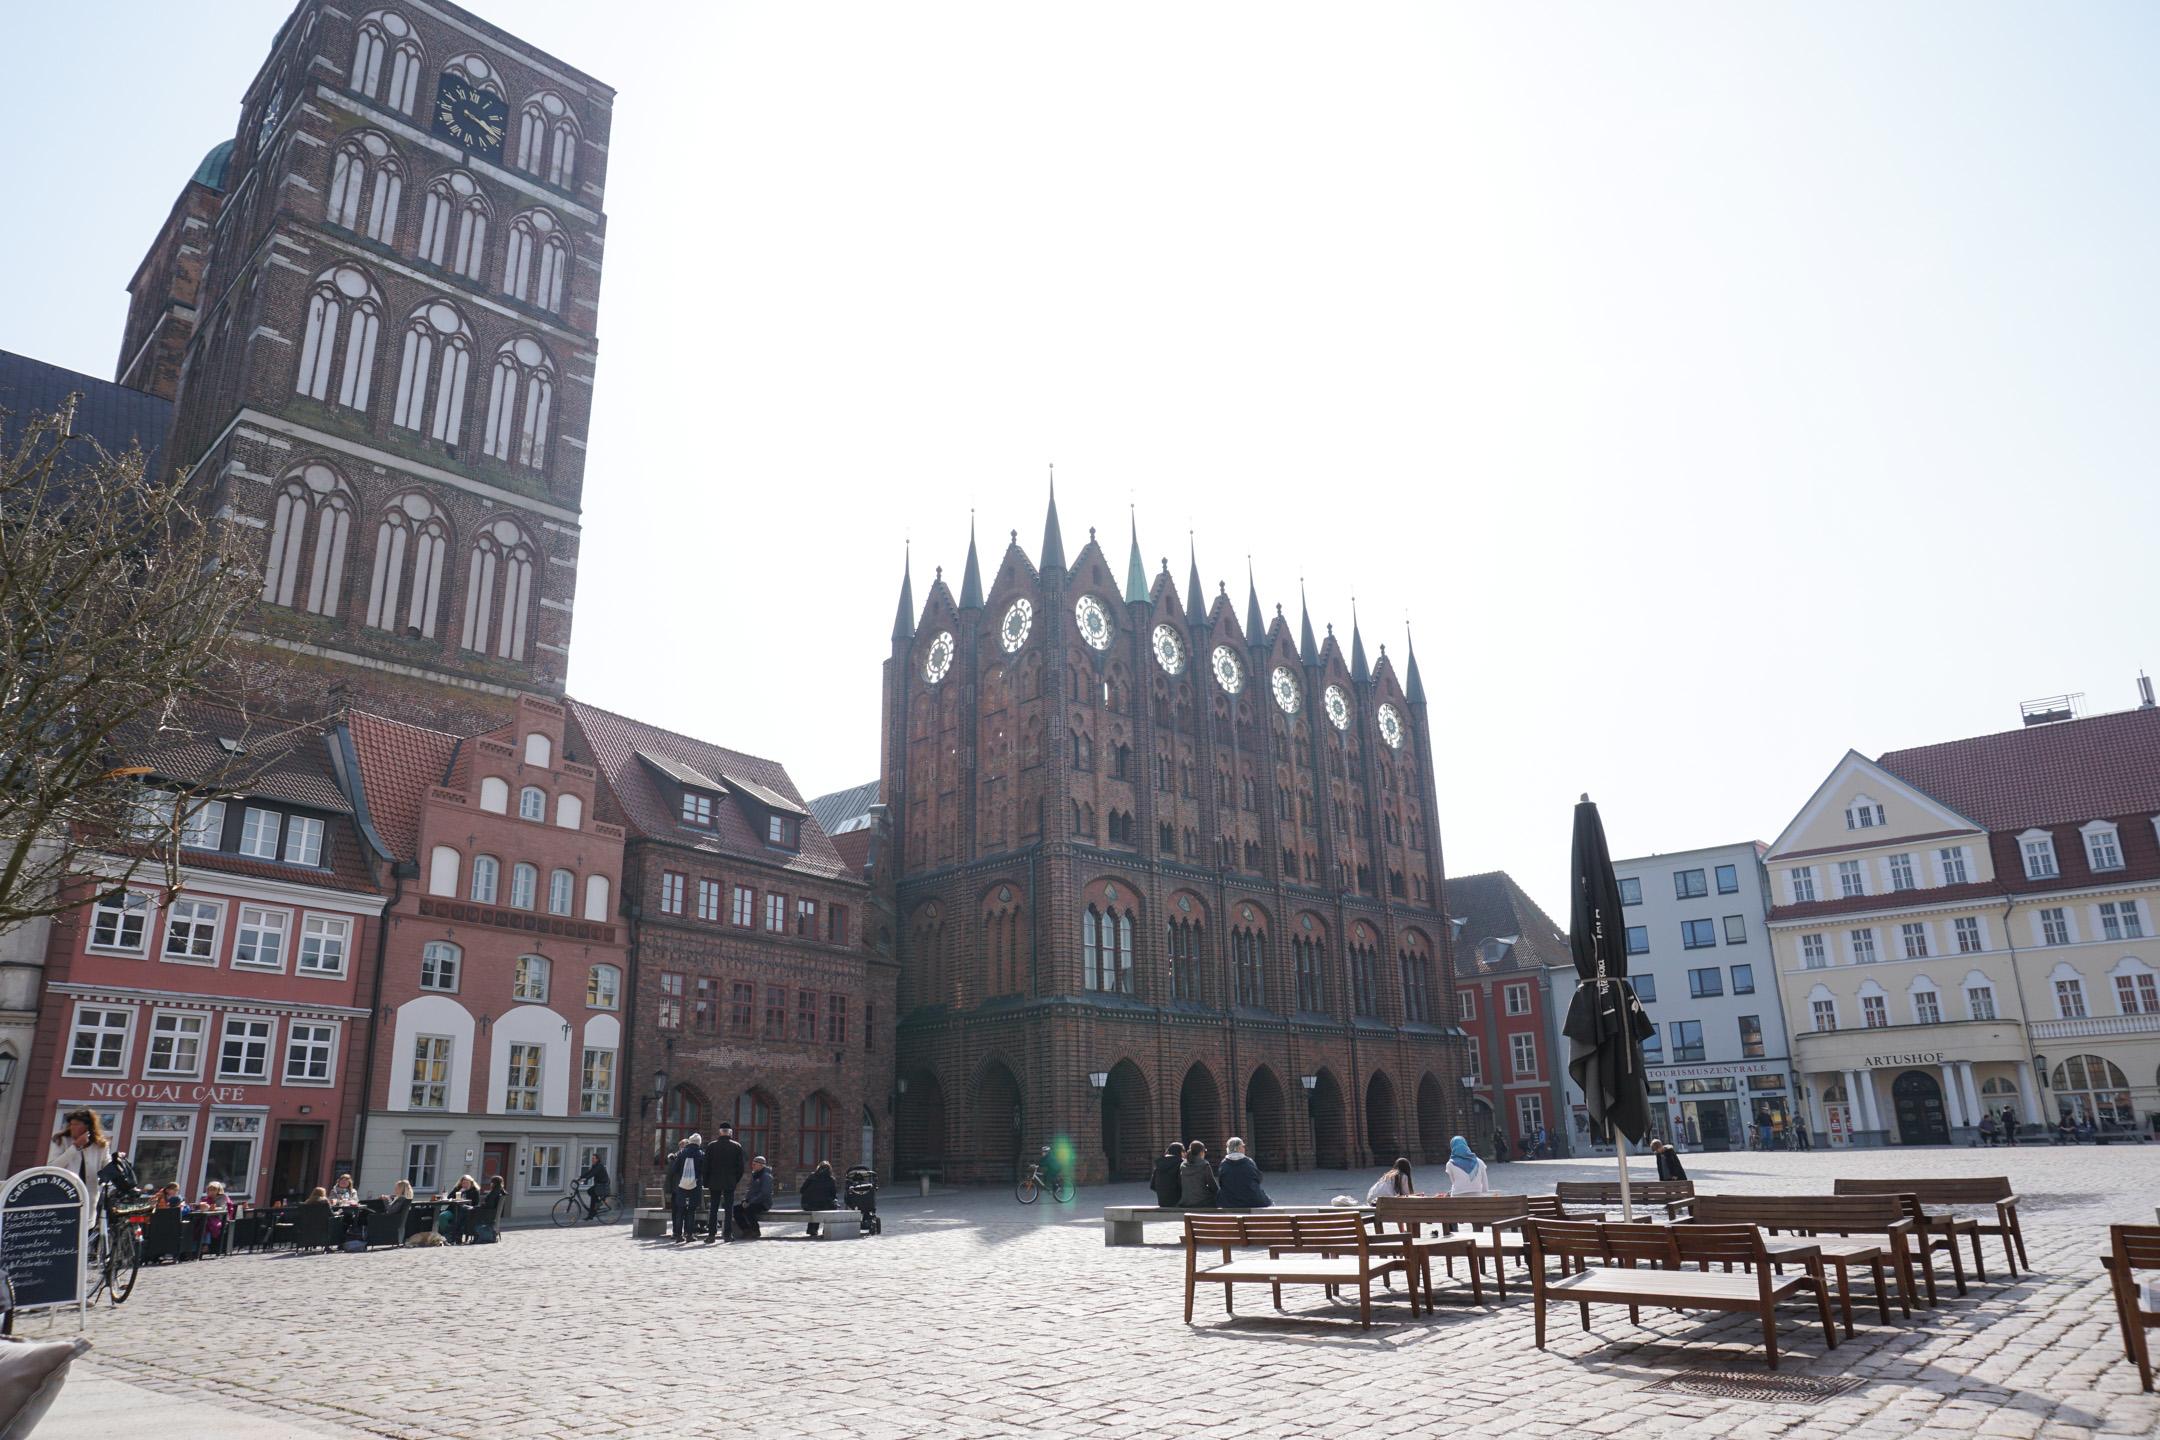 auszeit-ostsee-romantik-hotel-scheelehof-stralsund-travelblog-reiseblog-reisen-marktplatz